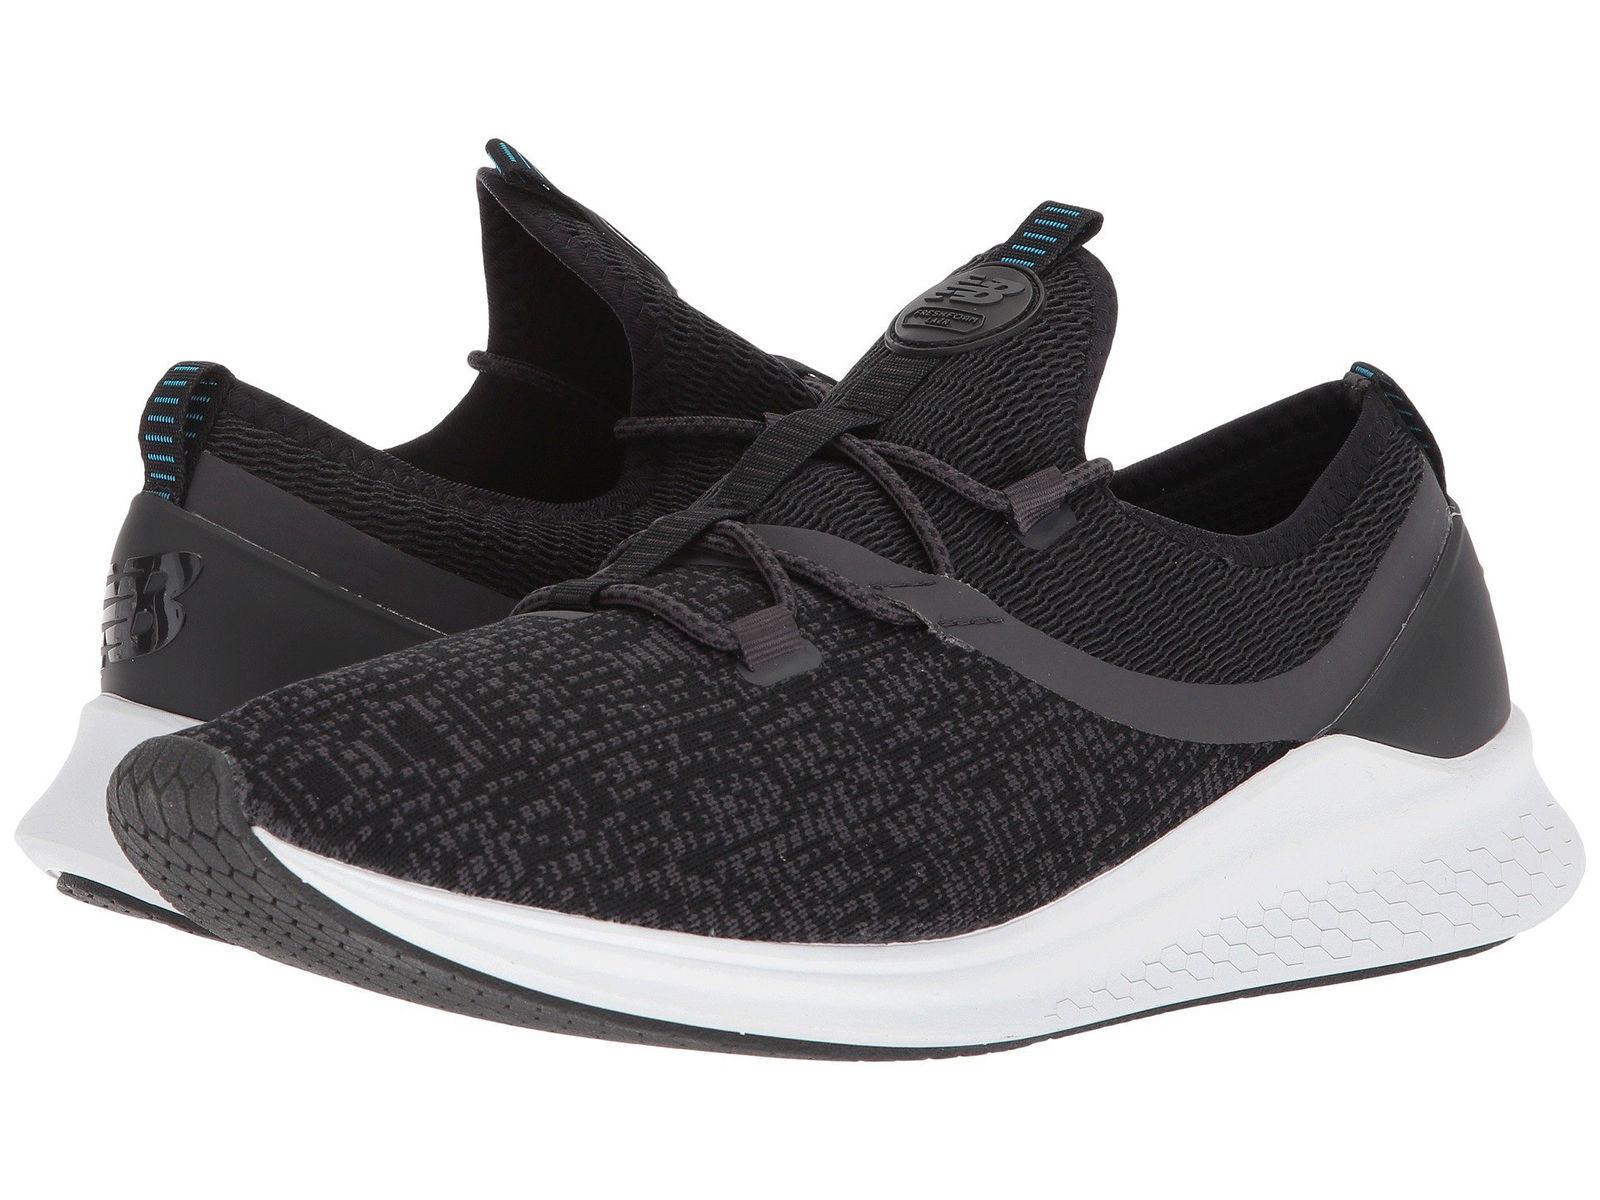 Herren New Balance Frisches Schaum Schuhe Schläger Hyposkin Schwarz Graphit Weiß